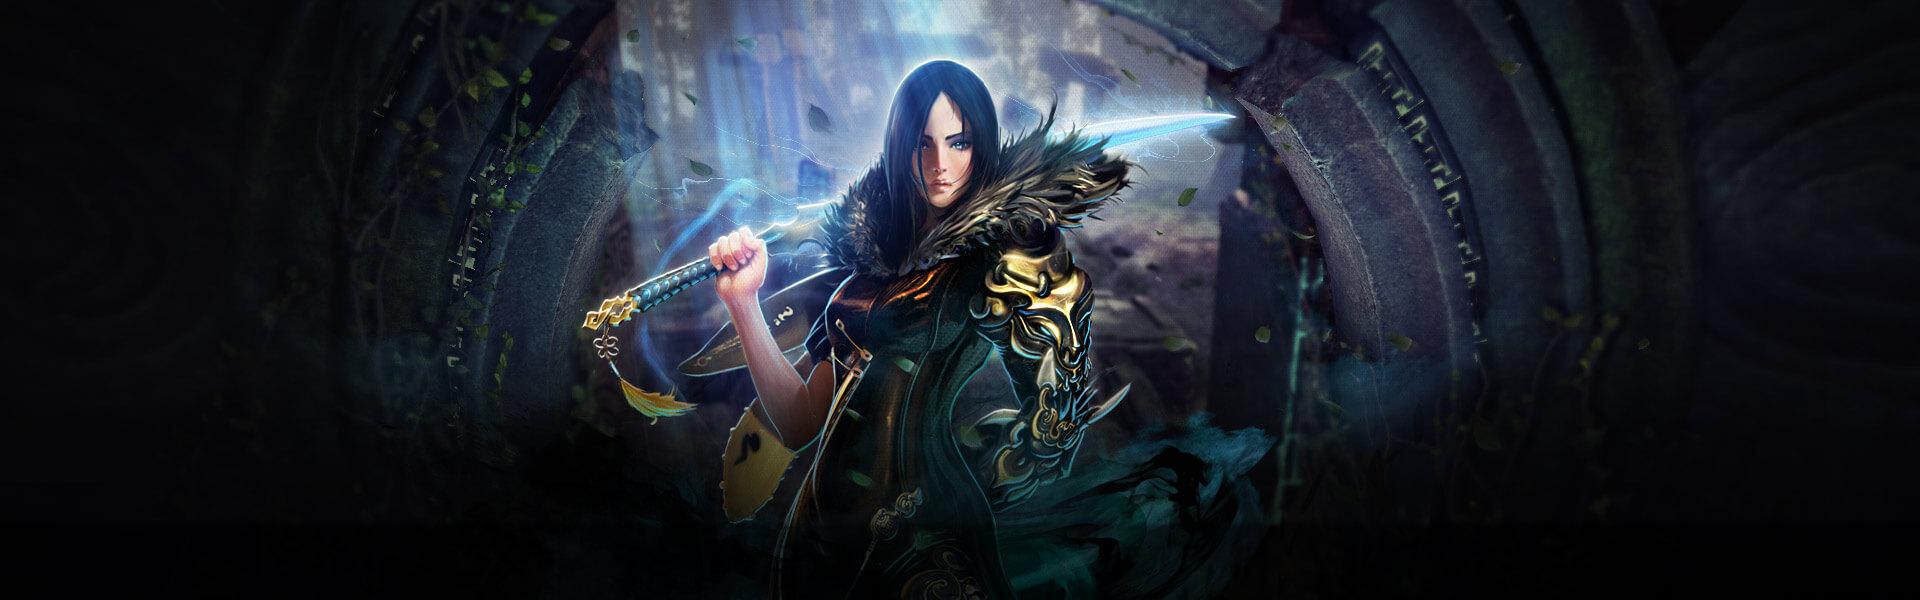 MMORPG Blade & Soul deutet eine neue Klasse an – Das wissen wir